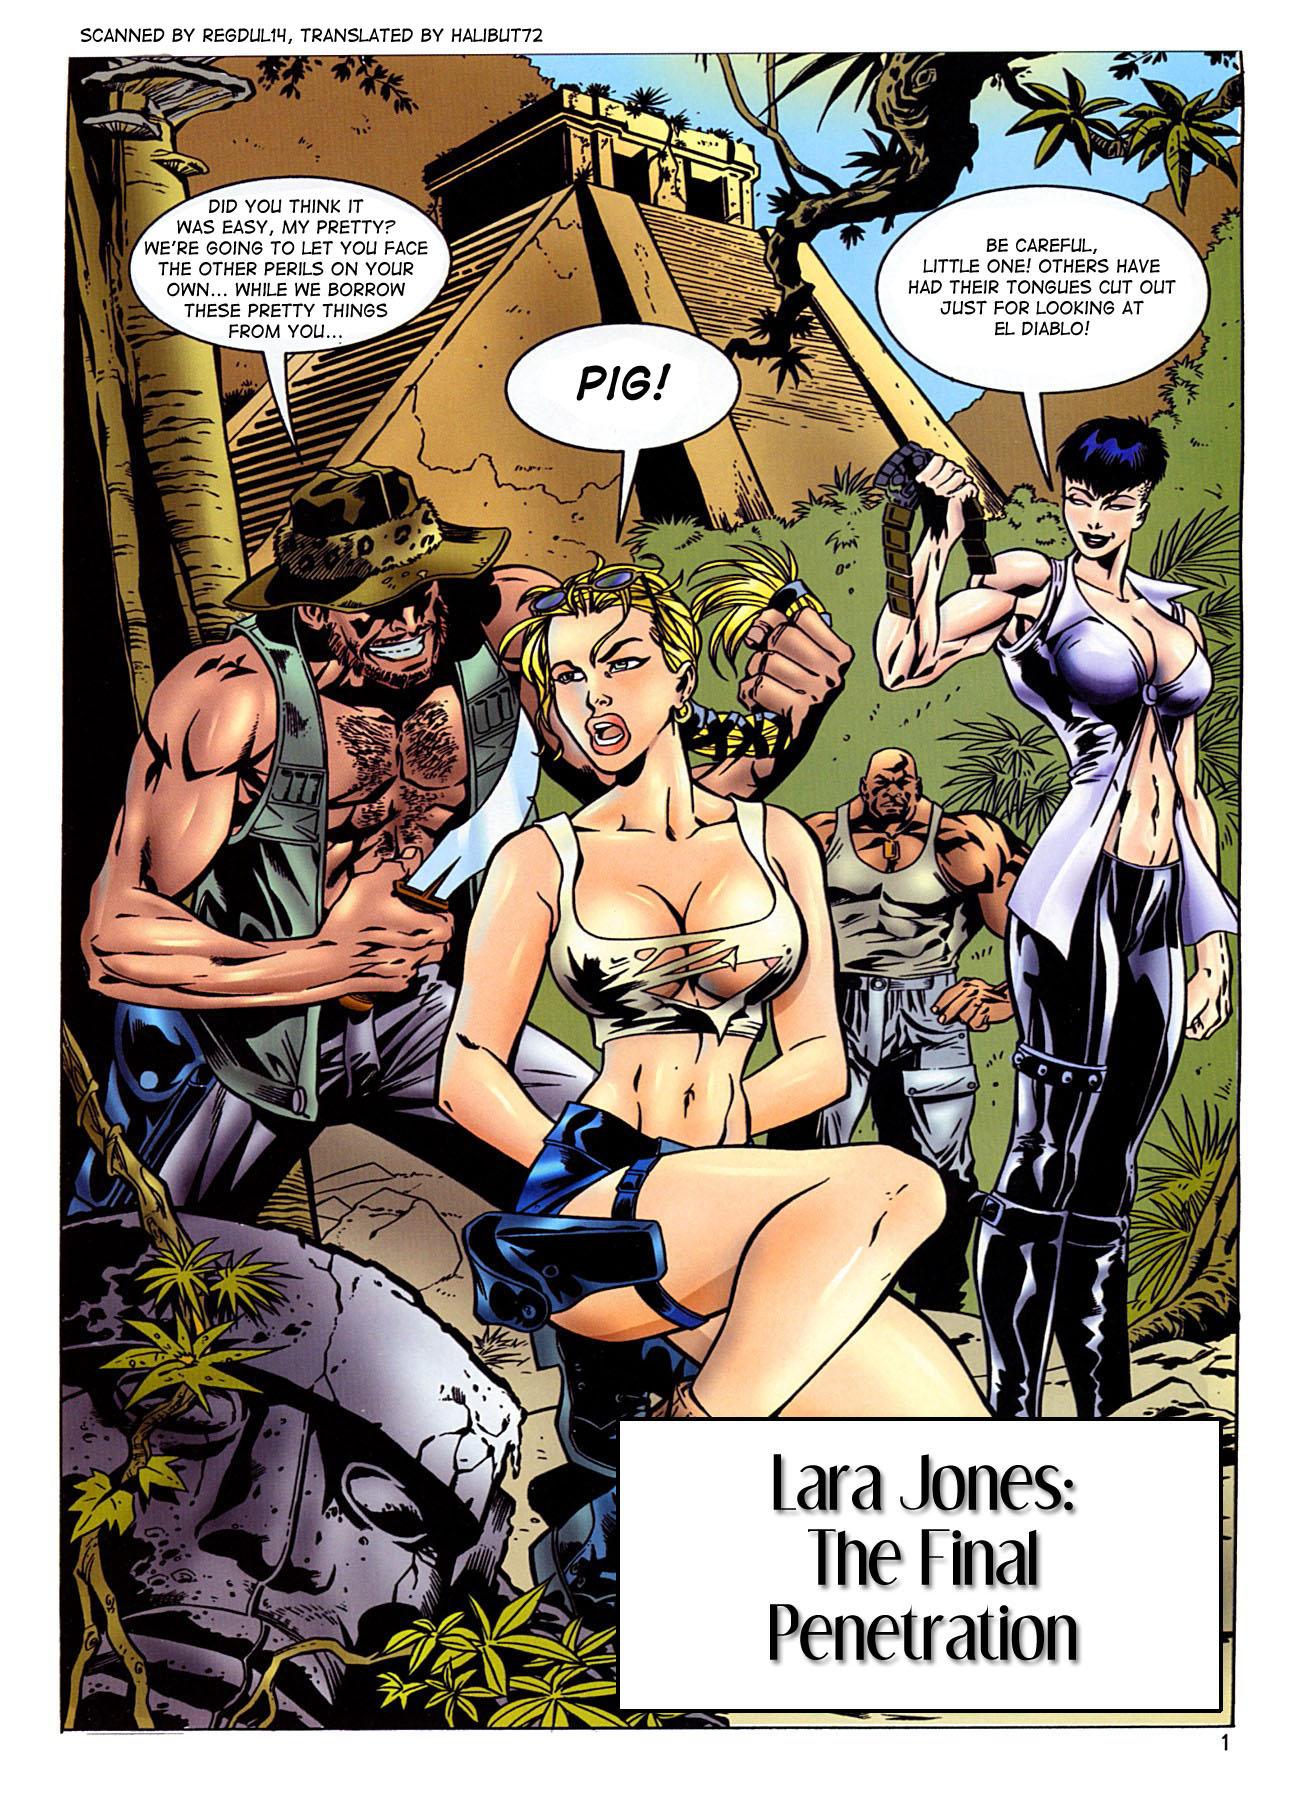 Porn Comics - The Final Penetration porn comics 8 muses